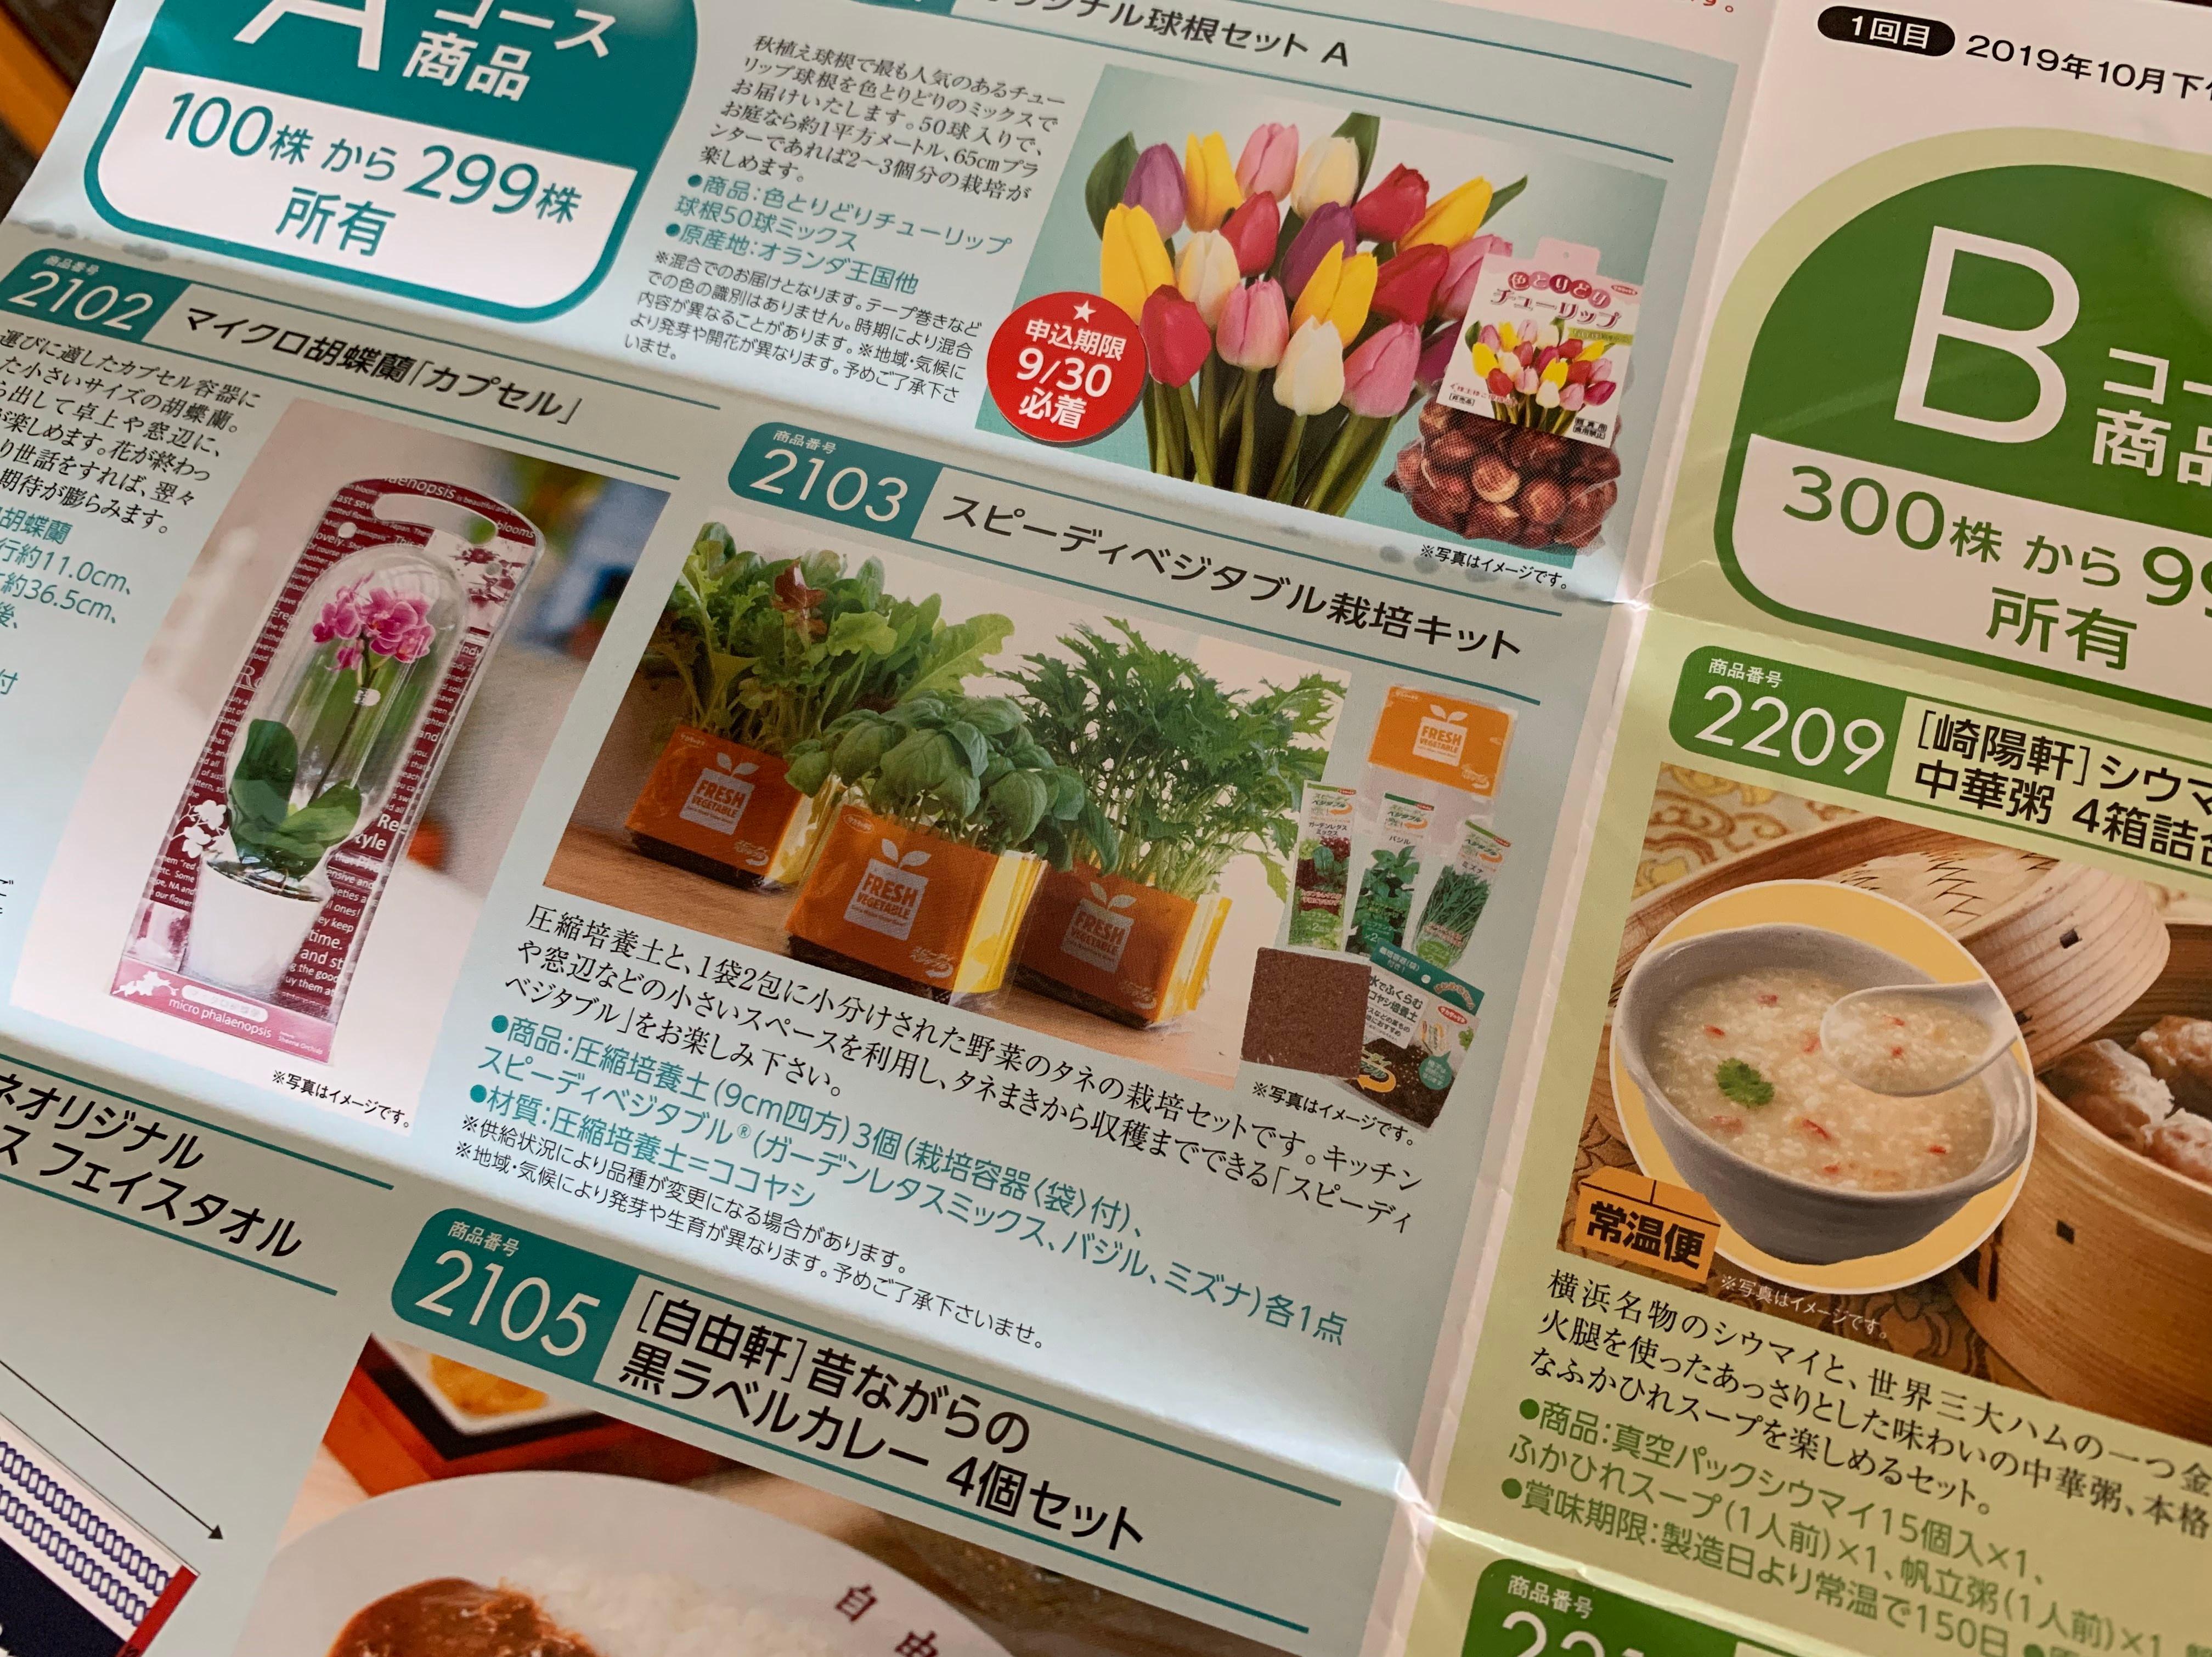 8月27日到着 サカタのタネ優待カタログ